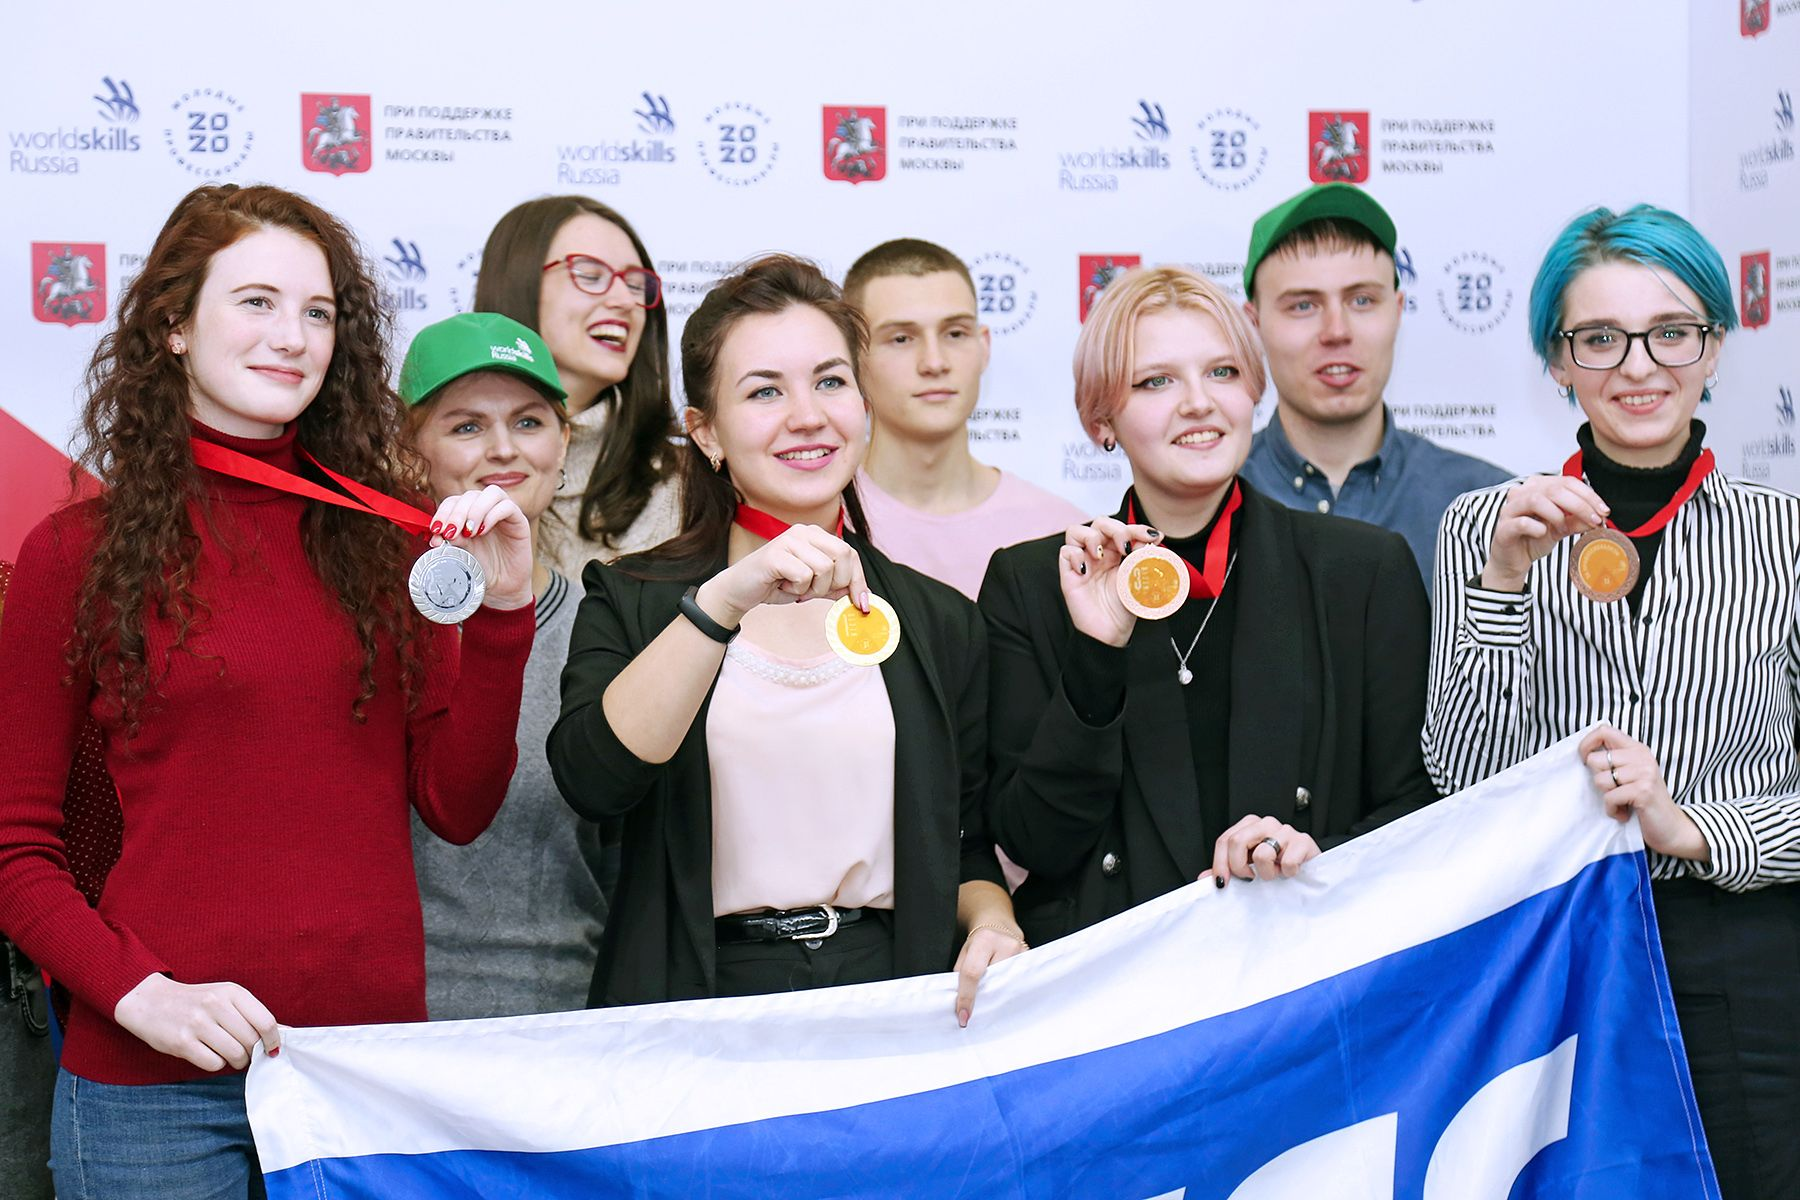 Золото, серебро и бронзу взяли студенты ВГУЭС в Финале IV Национального межвузовского чемпионата «Молодые профессионалы (Ворлдскиллс Россия)»